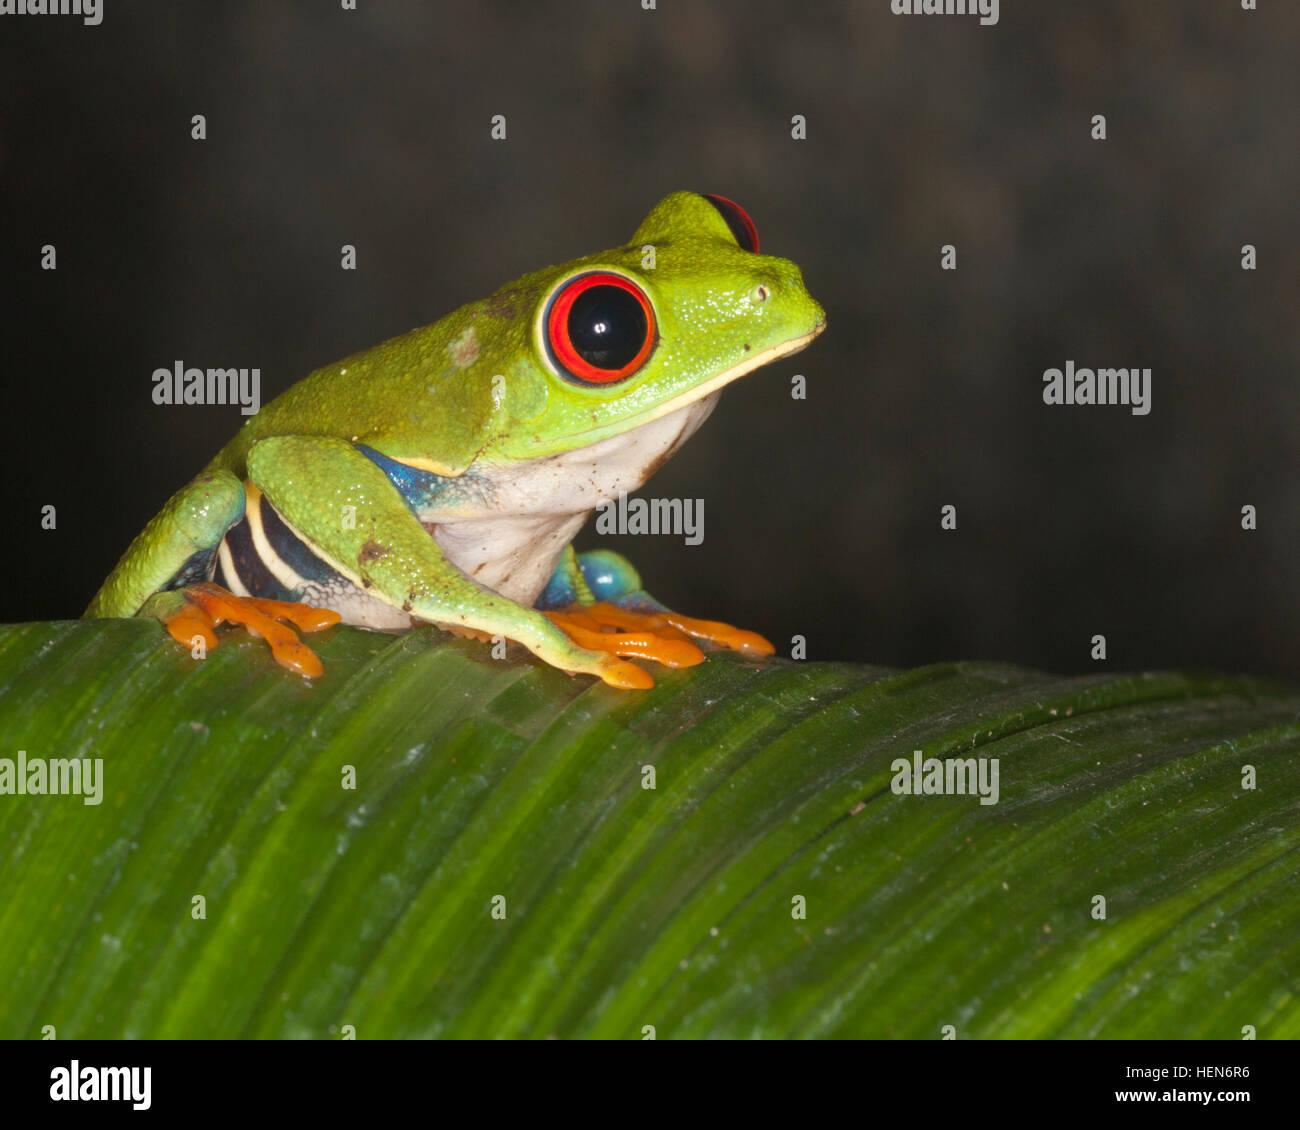 La rana arborícola de ojos rojos (Agalychnis callidryas) en hojas de la selva, también conocida como la Rana de hoja de ojos rojos Foto de stock